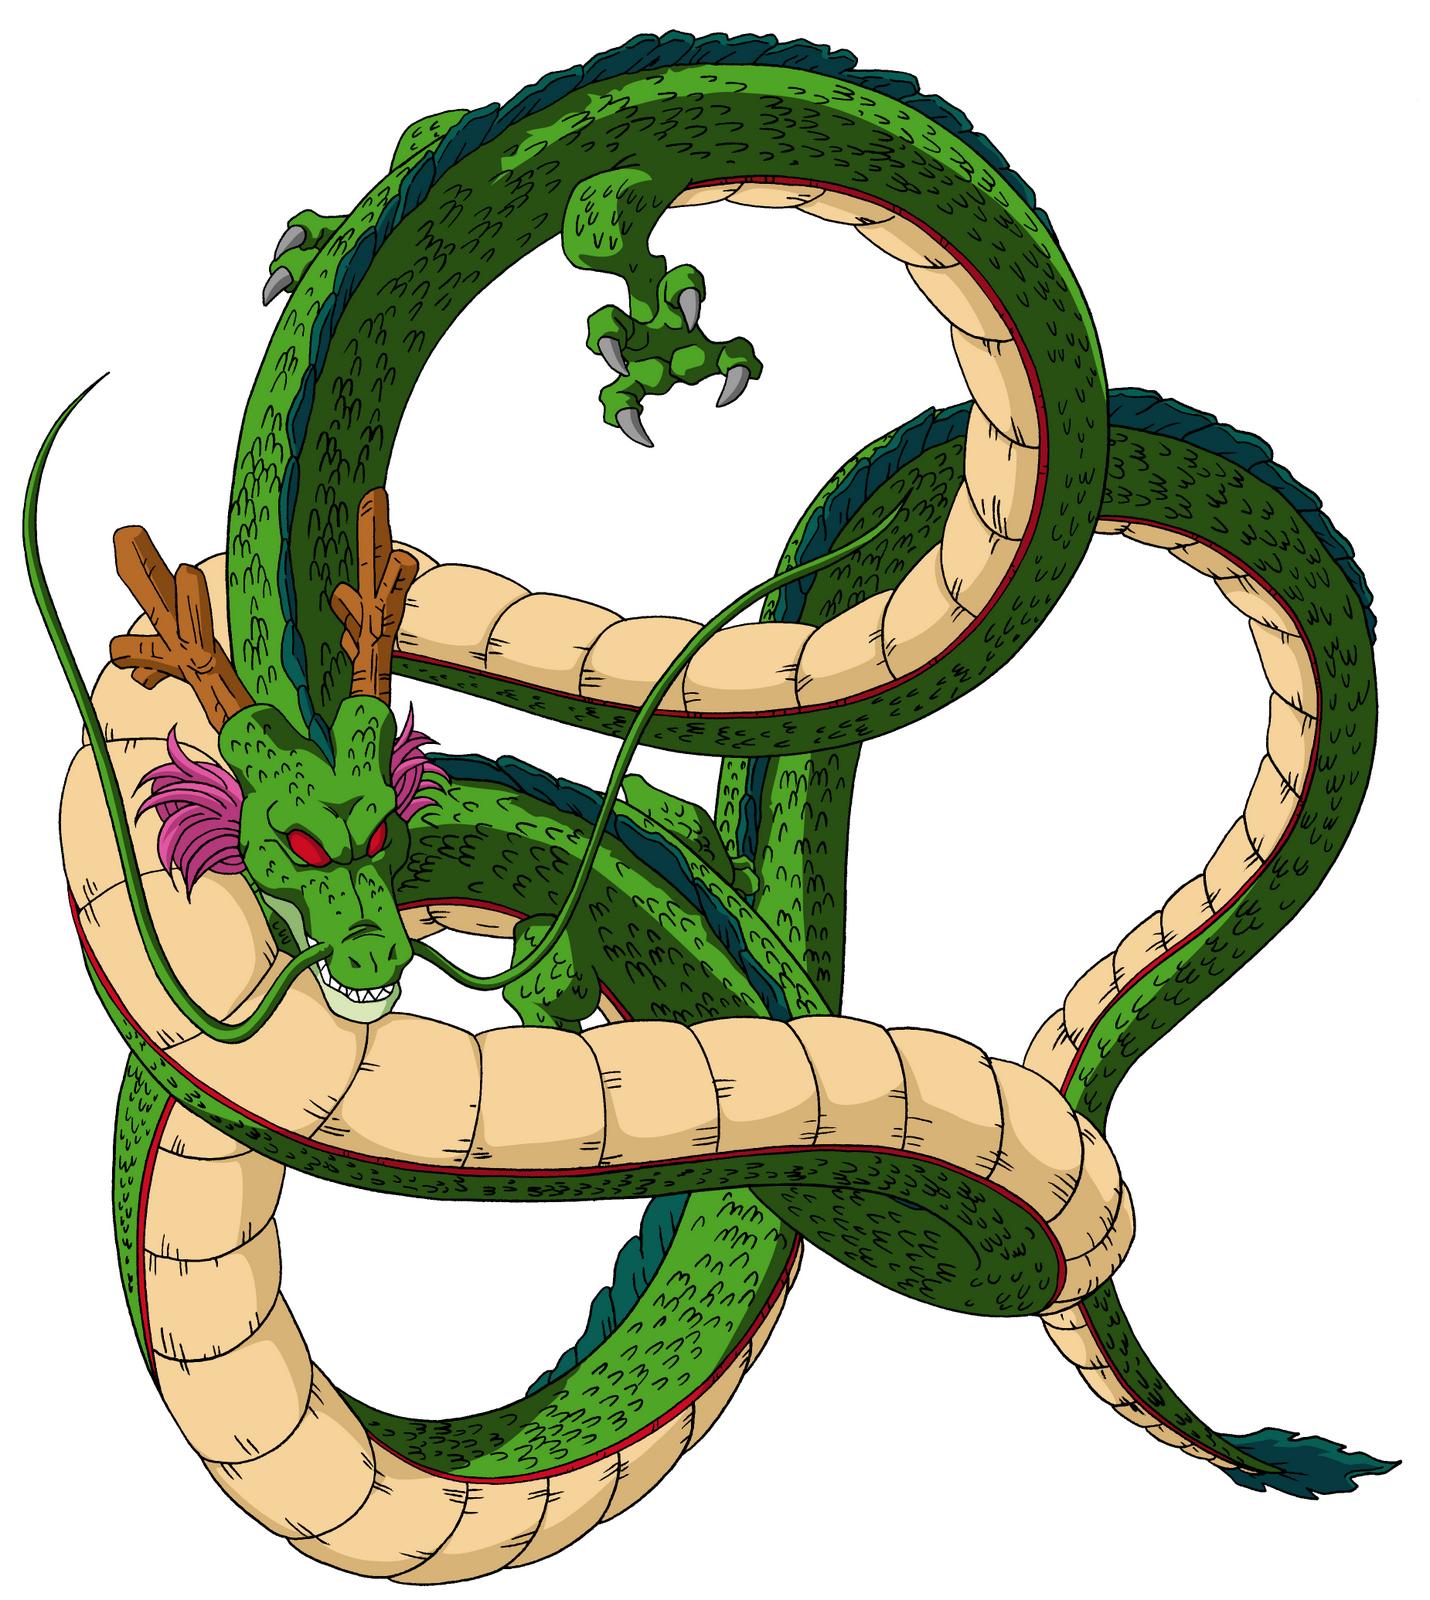 Dragon dragon, rock the dragon!.